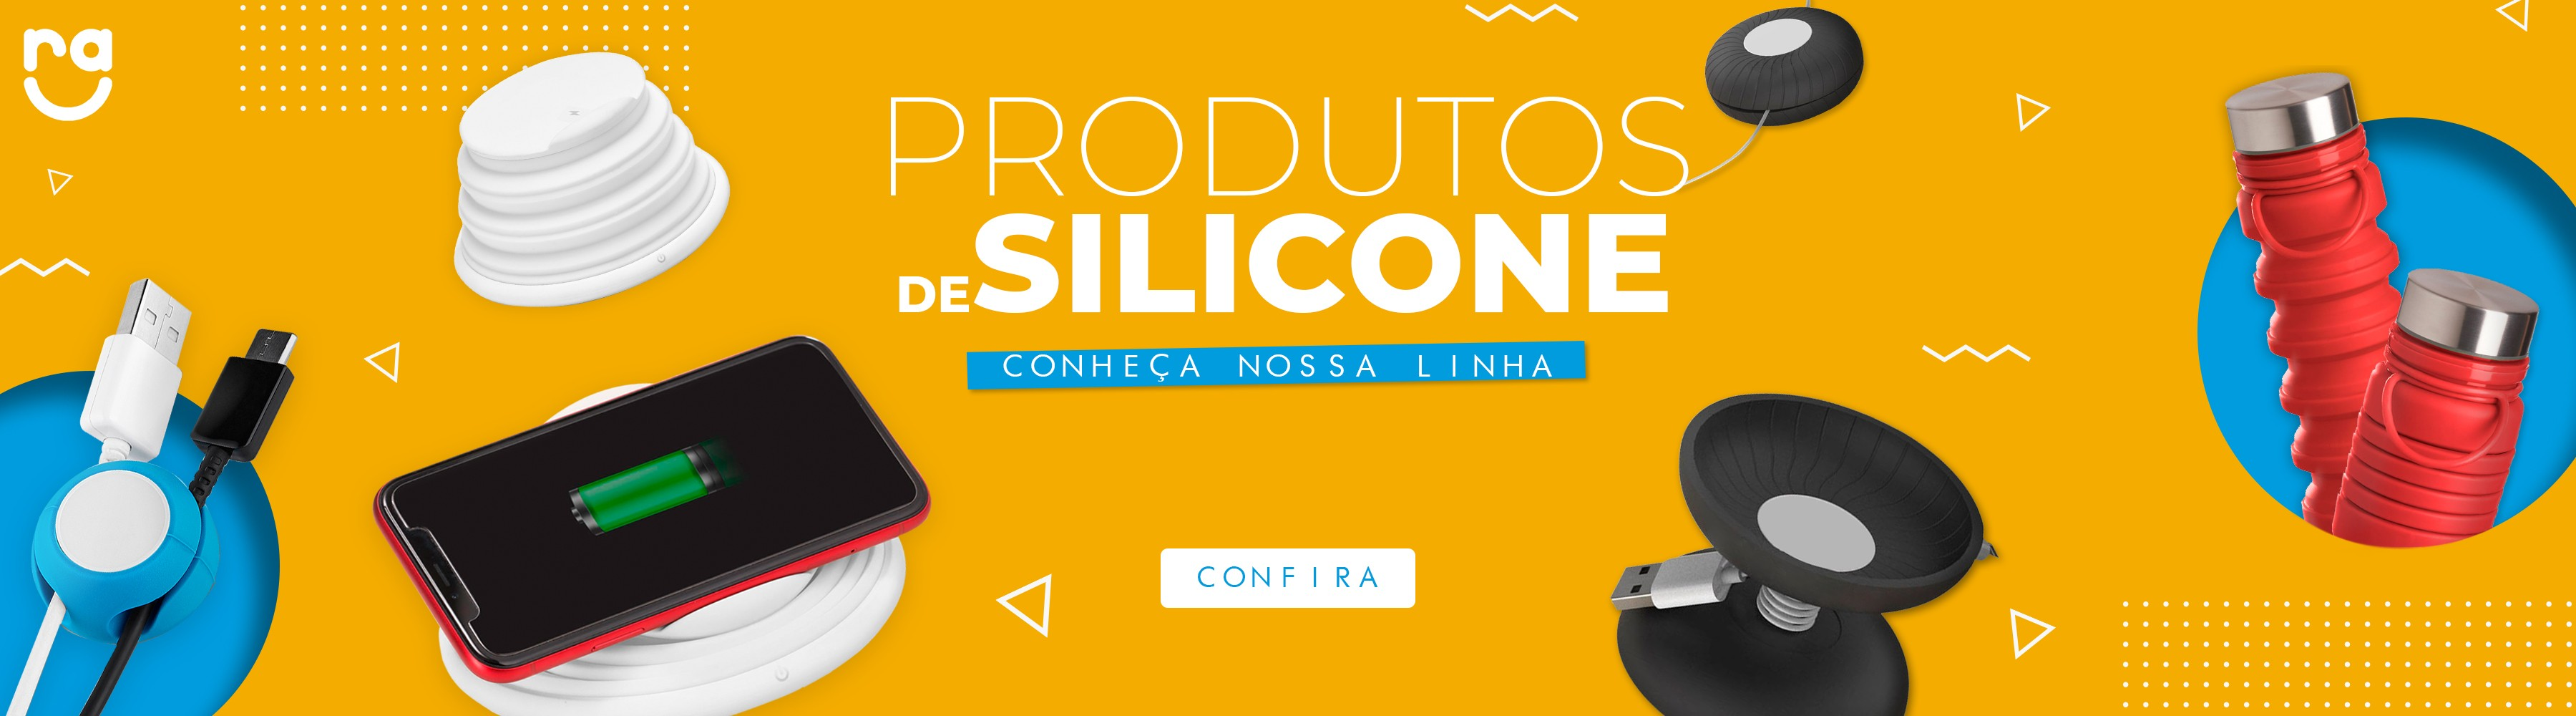 Produtos de Silicone